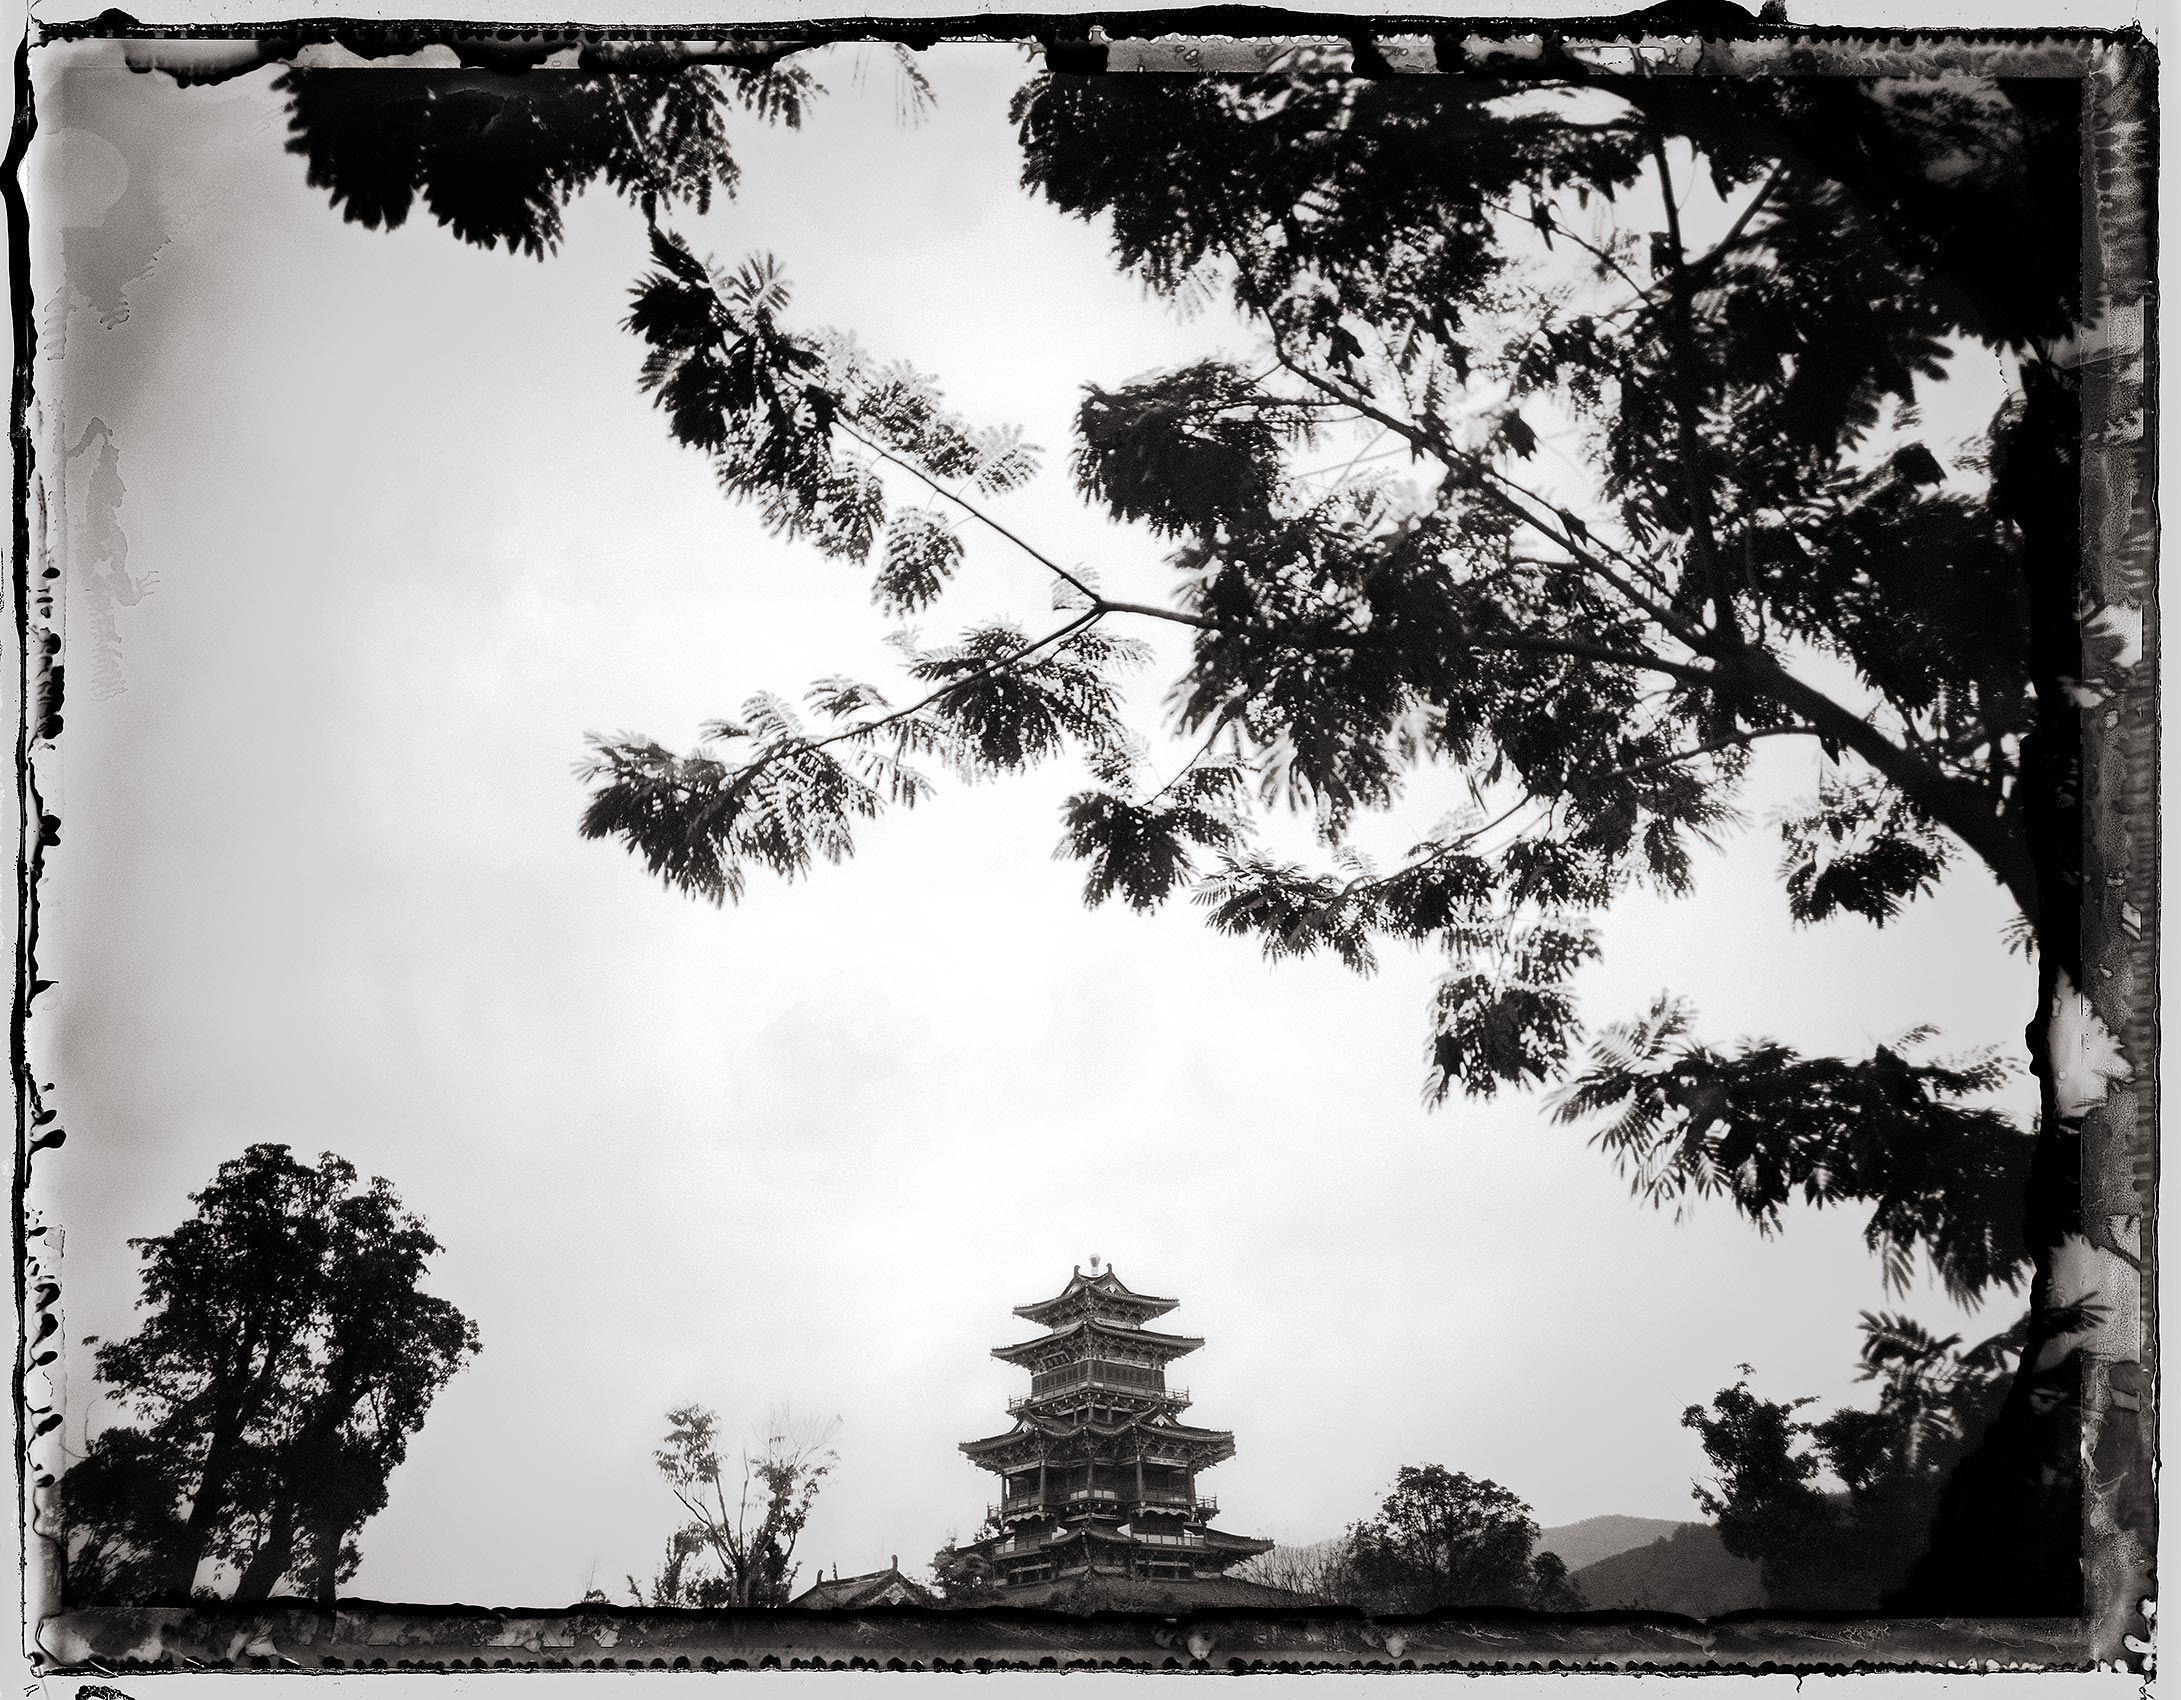 Distant Pagoda, Lishui